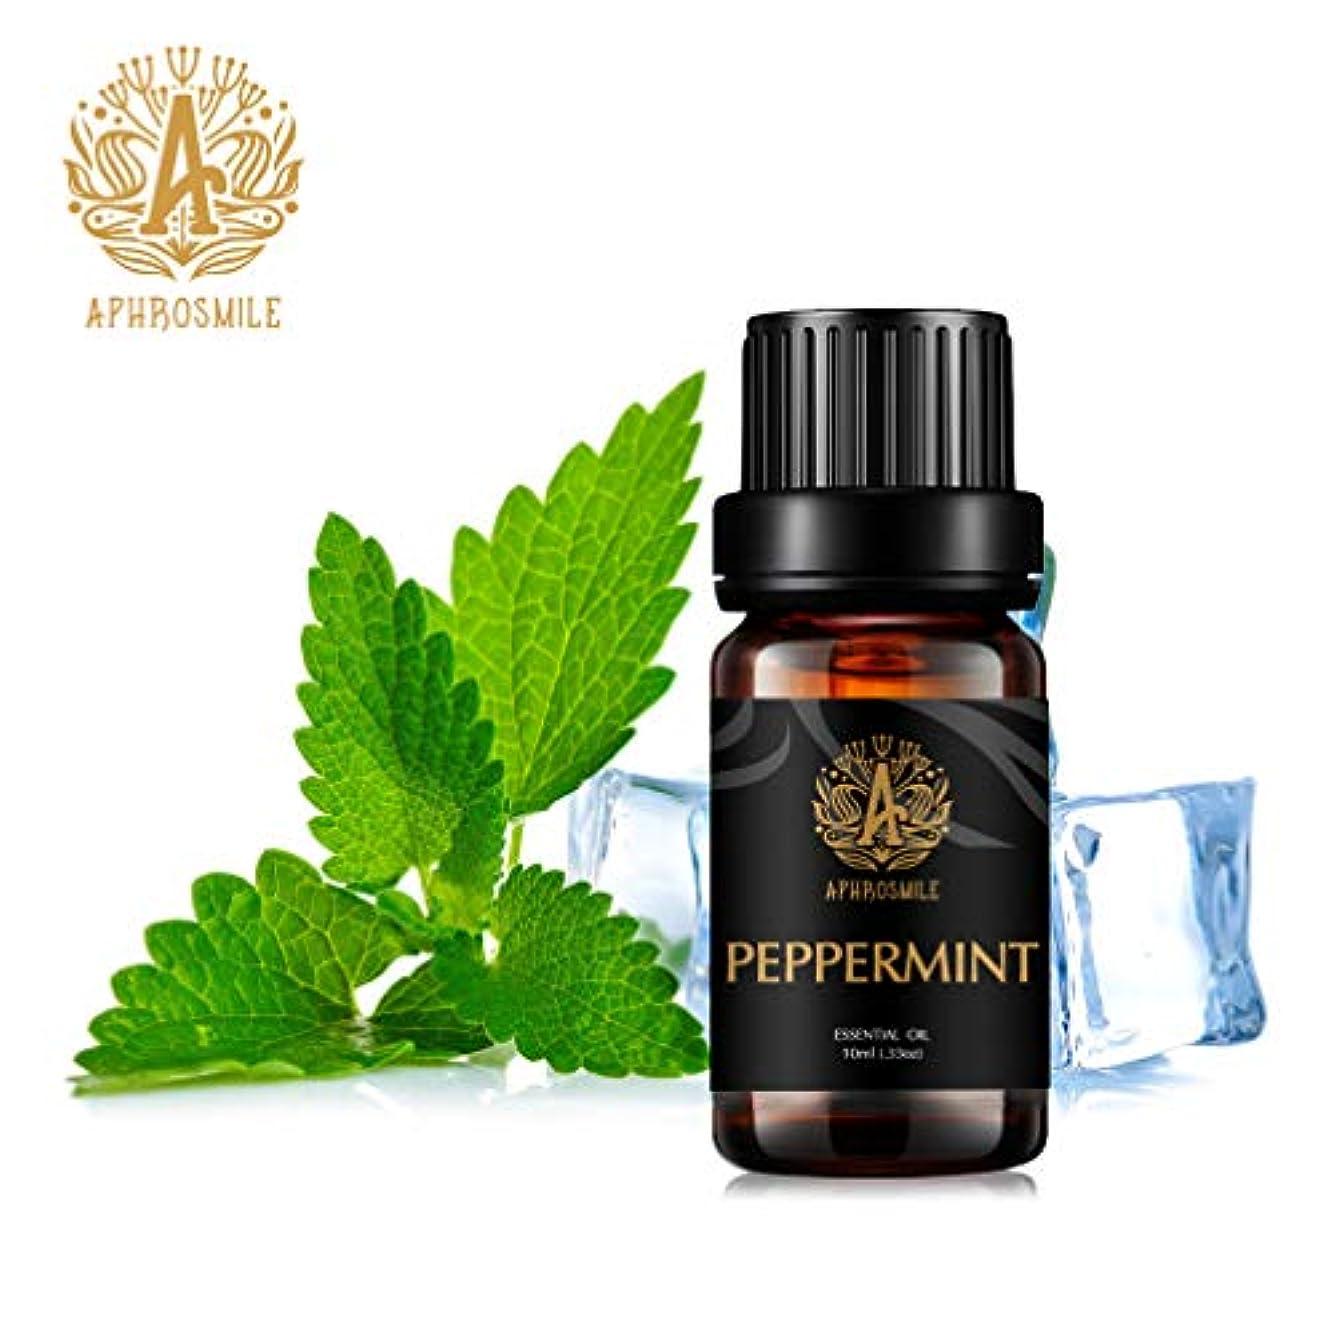 アルファベット療法頬骨ペパーミントの精油、100%純粋なアロマセラピーエッセンシャルオイルペパーミントの香り、明確な思考と、治療用グレードエッセンシャルオイルペパーミントの香り為にディフューザー、マッサージ、加湿器、デイリーケア、0.33オンス...